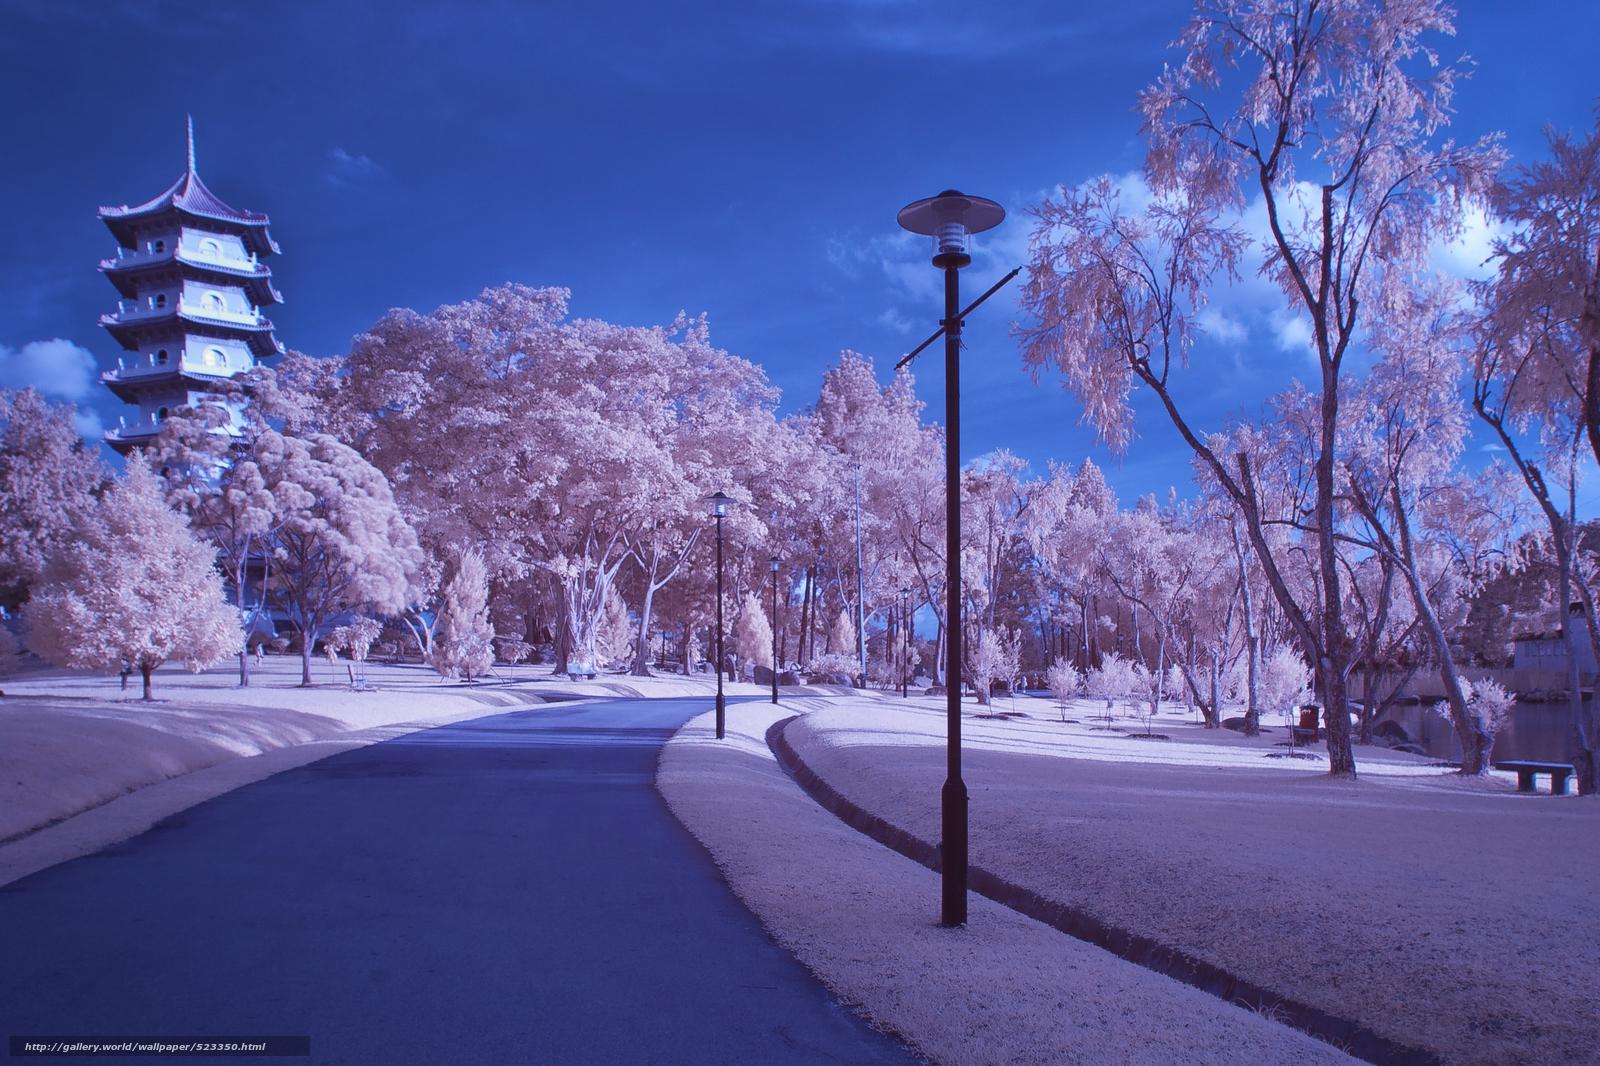 Tlcharger fond d 39 ecran japon sakura printemps ptales for Immagini desktop primavera